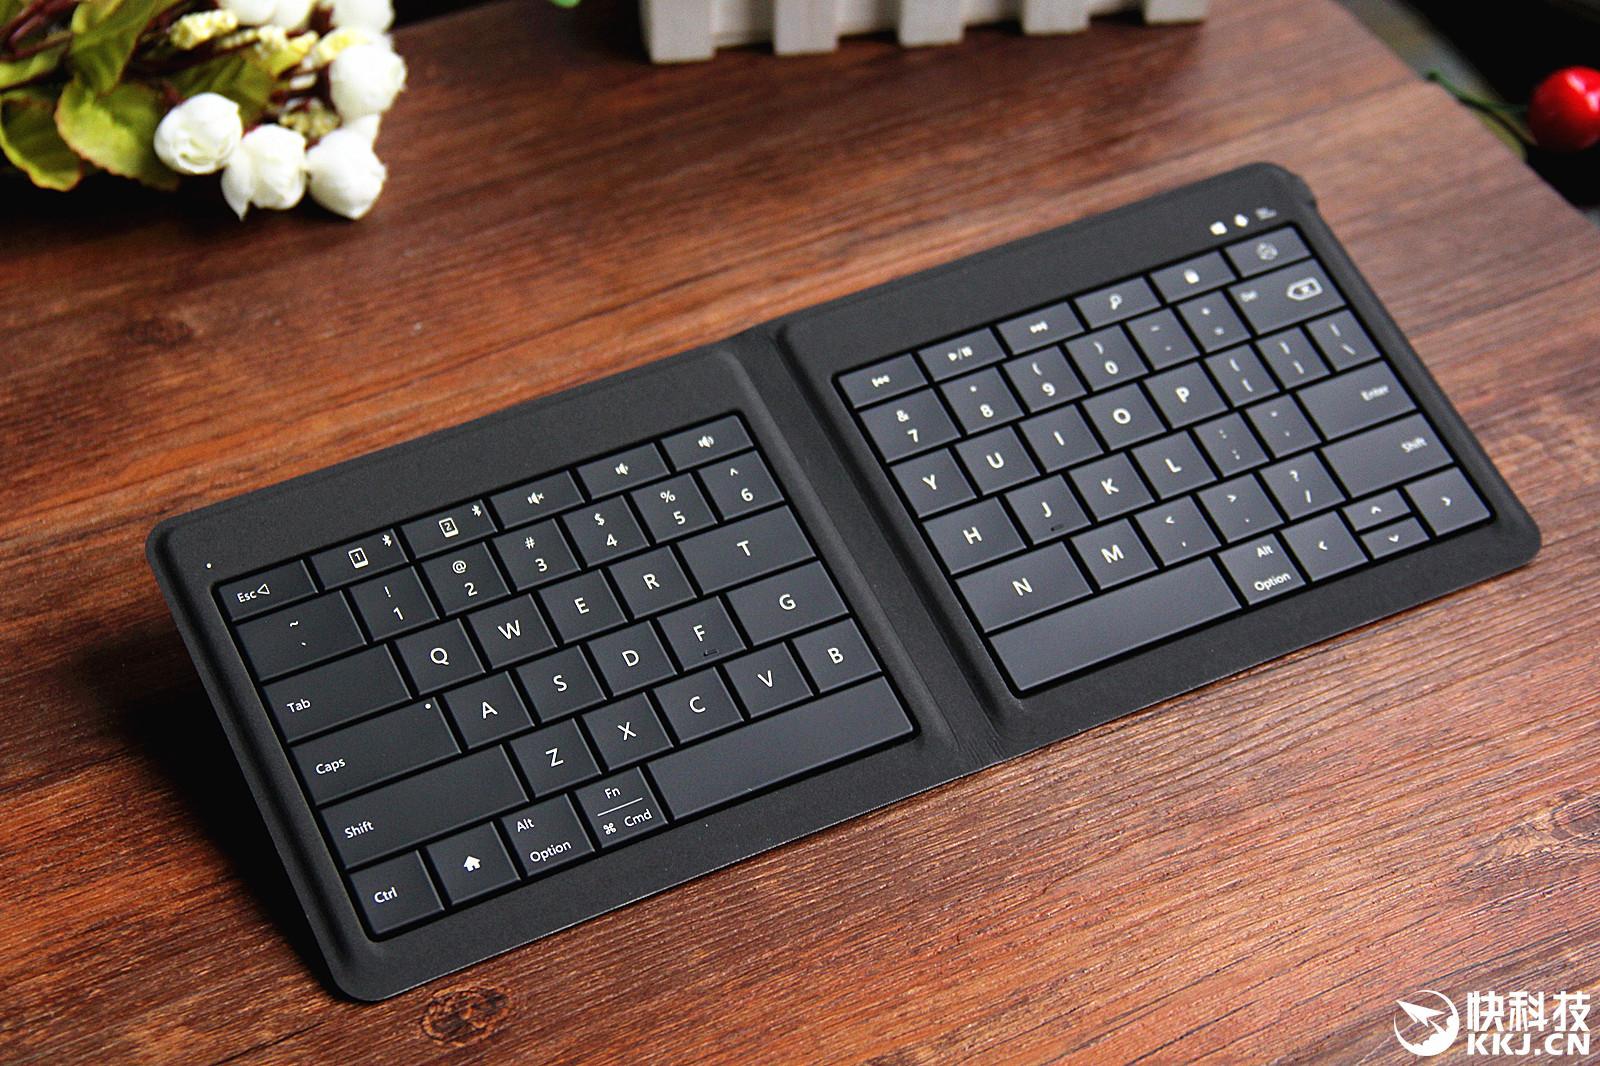 微软可折叠键盘评测 按键反馈非常满意